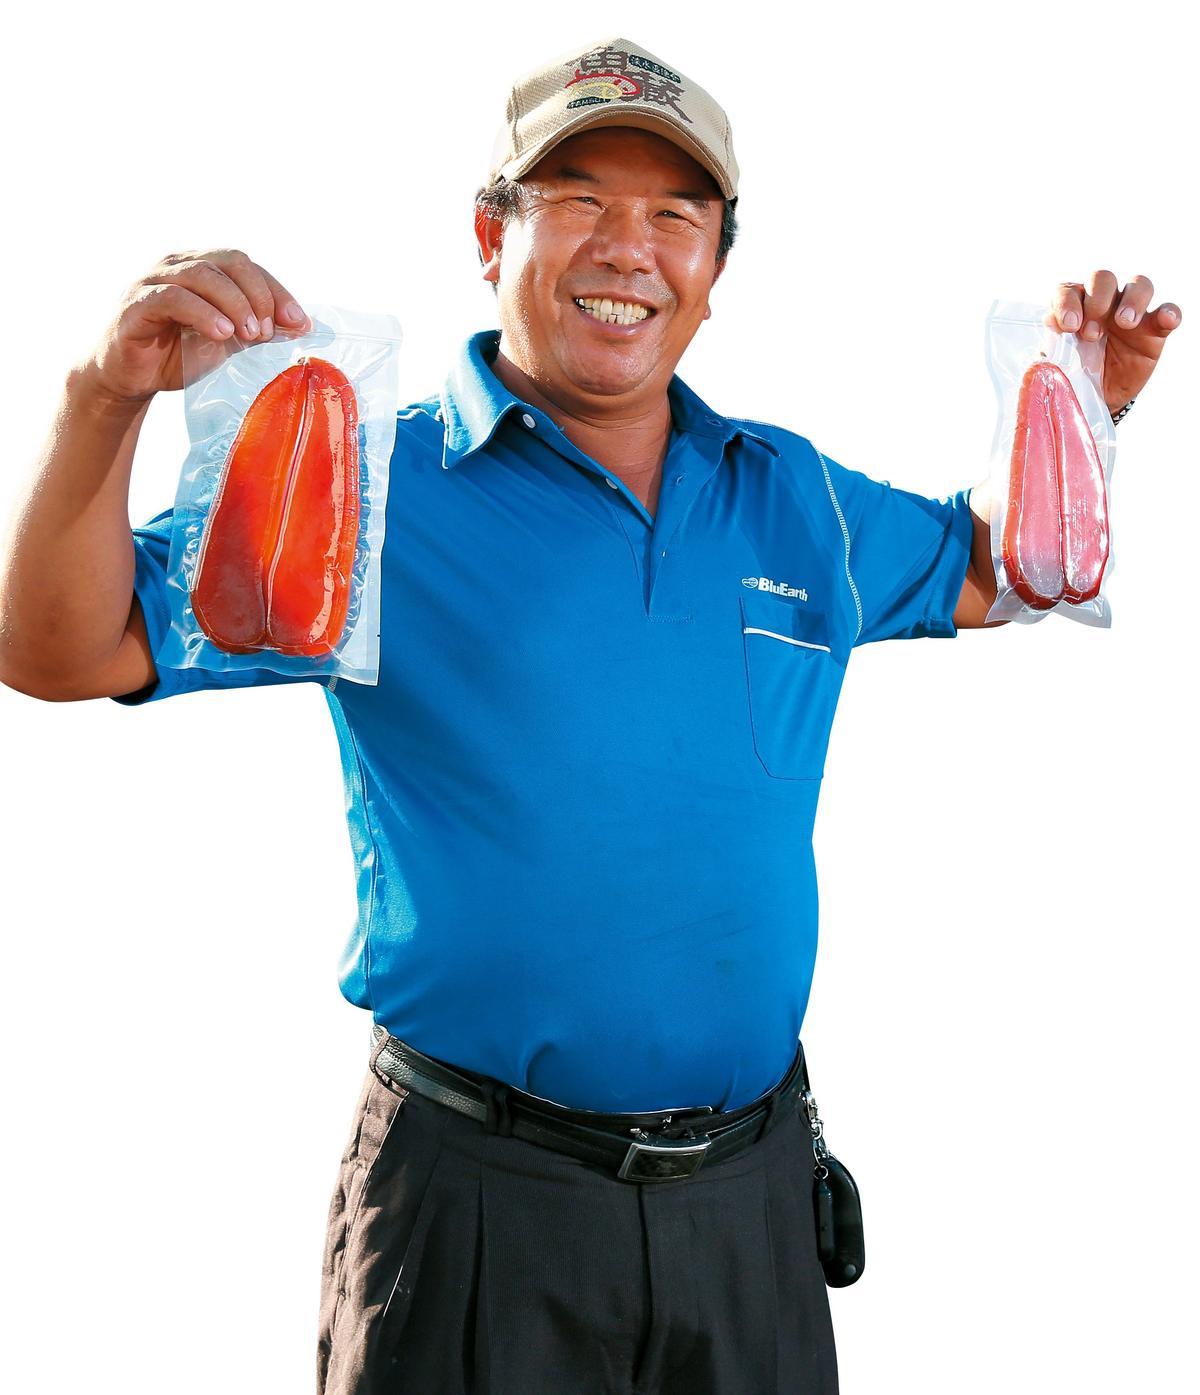 口福漁品老闆烏魚伯曾煥佾傳授烏魚子料理和挑選。